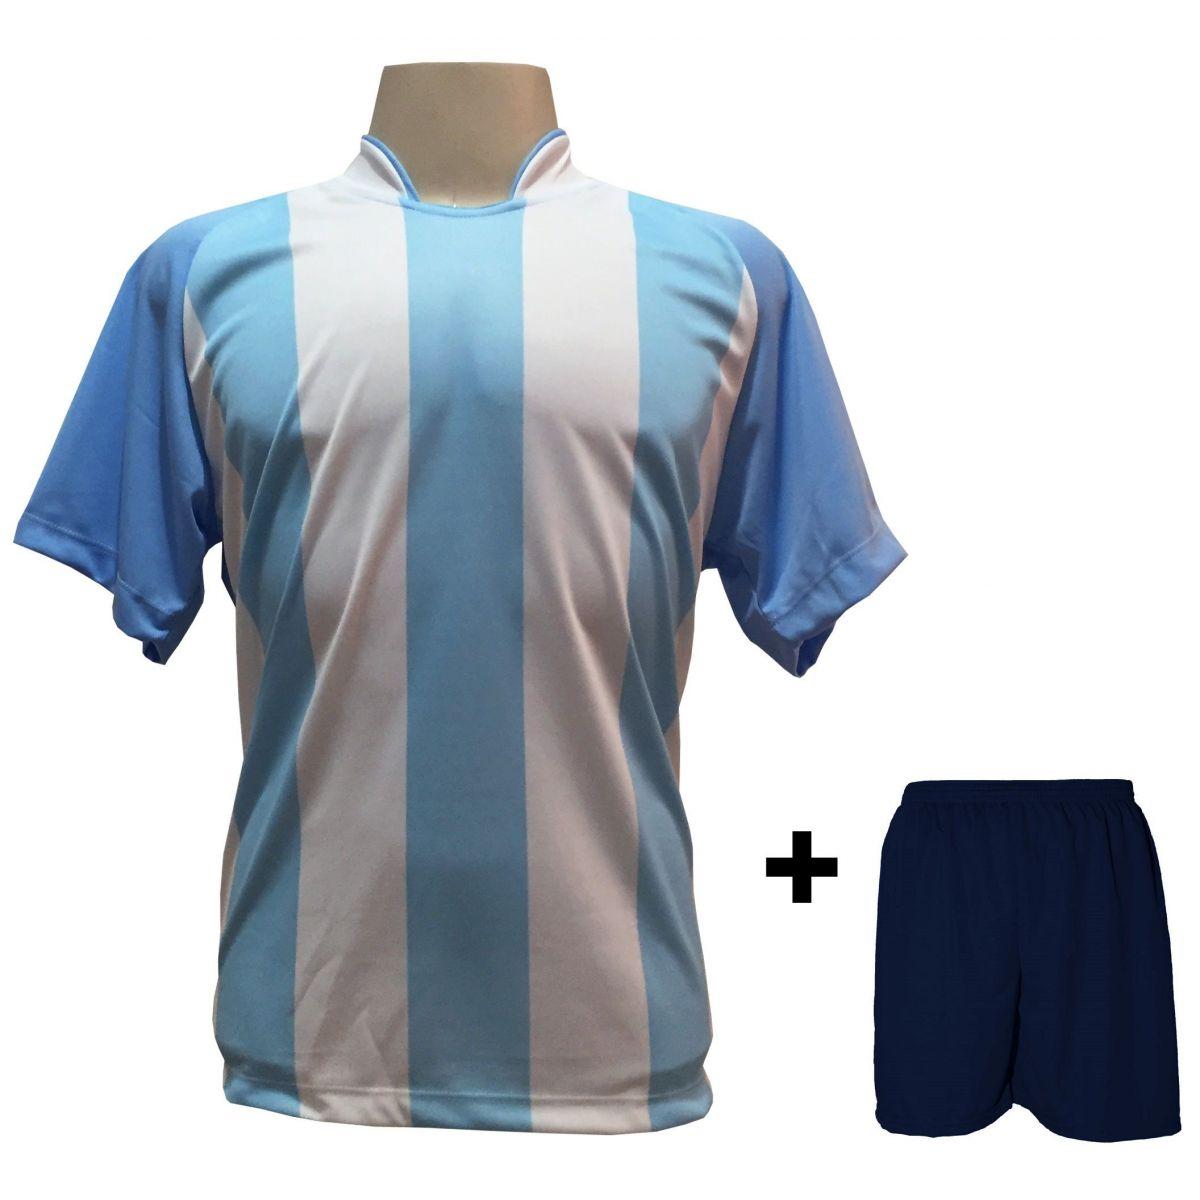 Uniforme Esportivo com 12 camisas modelo Milan Celeste/Branco + 12 calções modelo Madrid + 1 Goleiro + Brindes